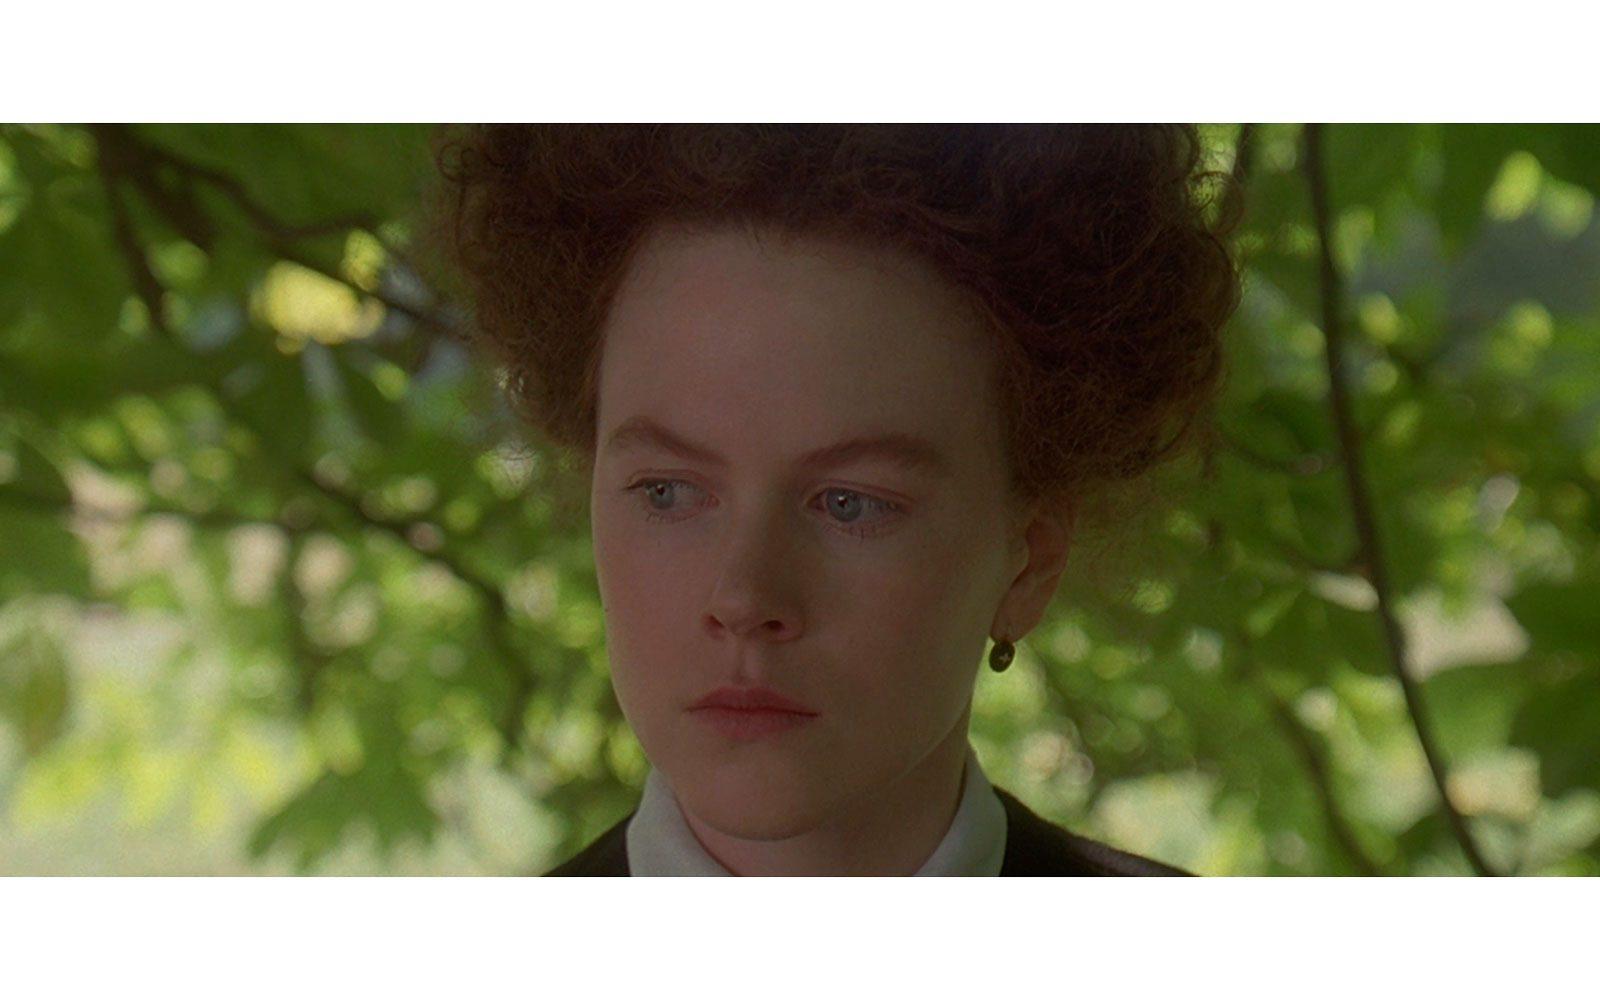 """""""Ritratto di signora"""" (1996). Primo film in cui l'attrice mostra un volto davvero diverso: non un filo di trucco, capelli raccolti in modo non proprio donante, rimane bellissima ma soprattutto bravissima nel personaggio di Isabelle Archer, protagonista dle film di Hanry James da cui è tratto il bel film della Campion."""